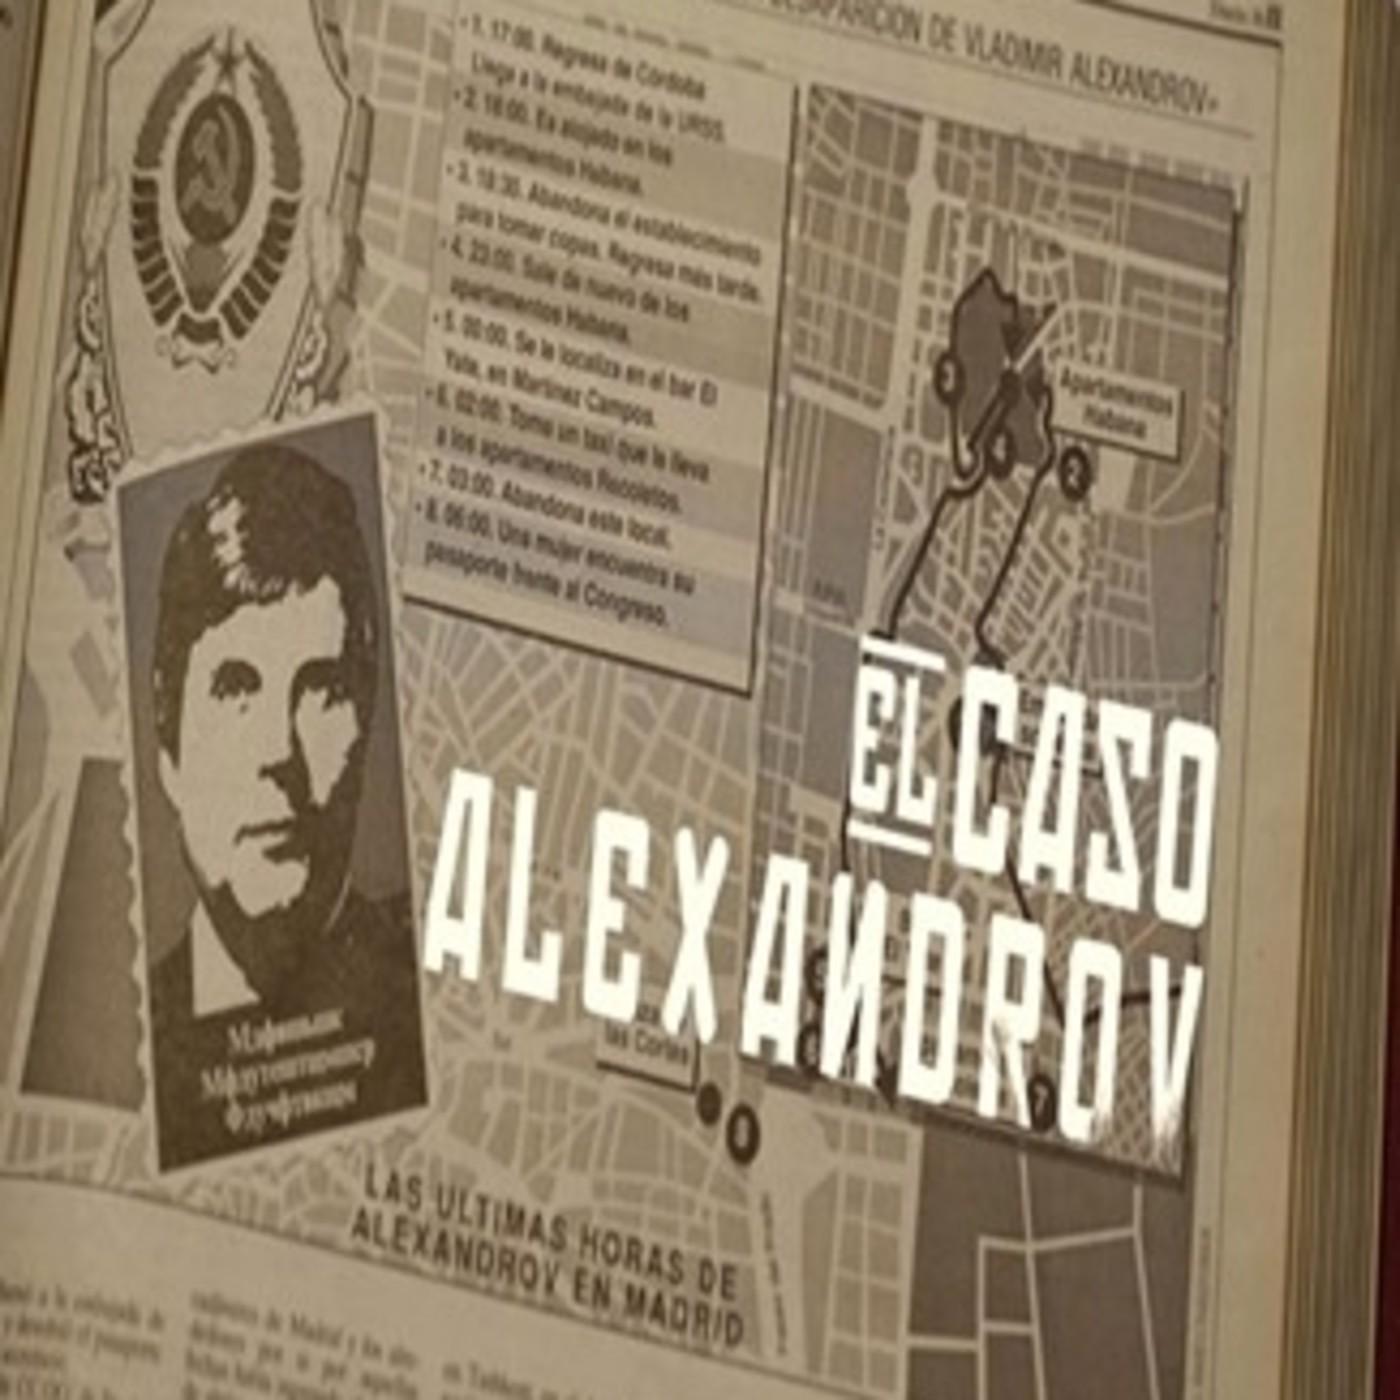 Cuarto milenio (3/03/2019) 14x27: El caso Alexandrov en Cuarto ...